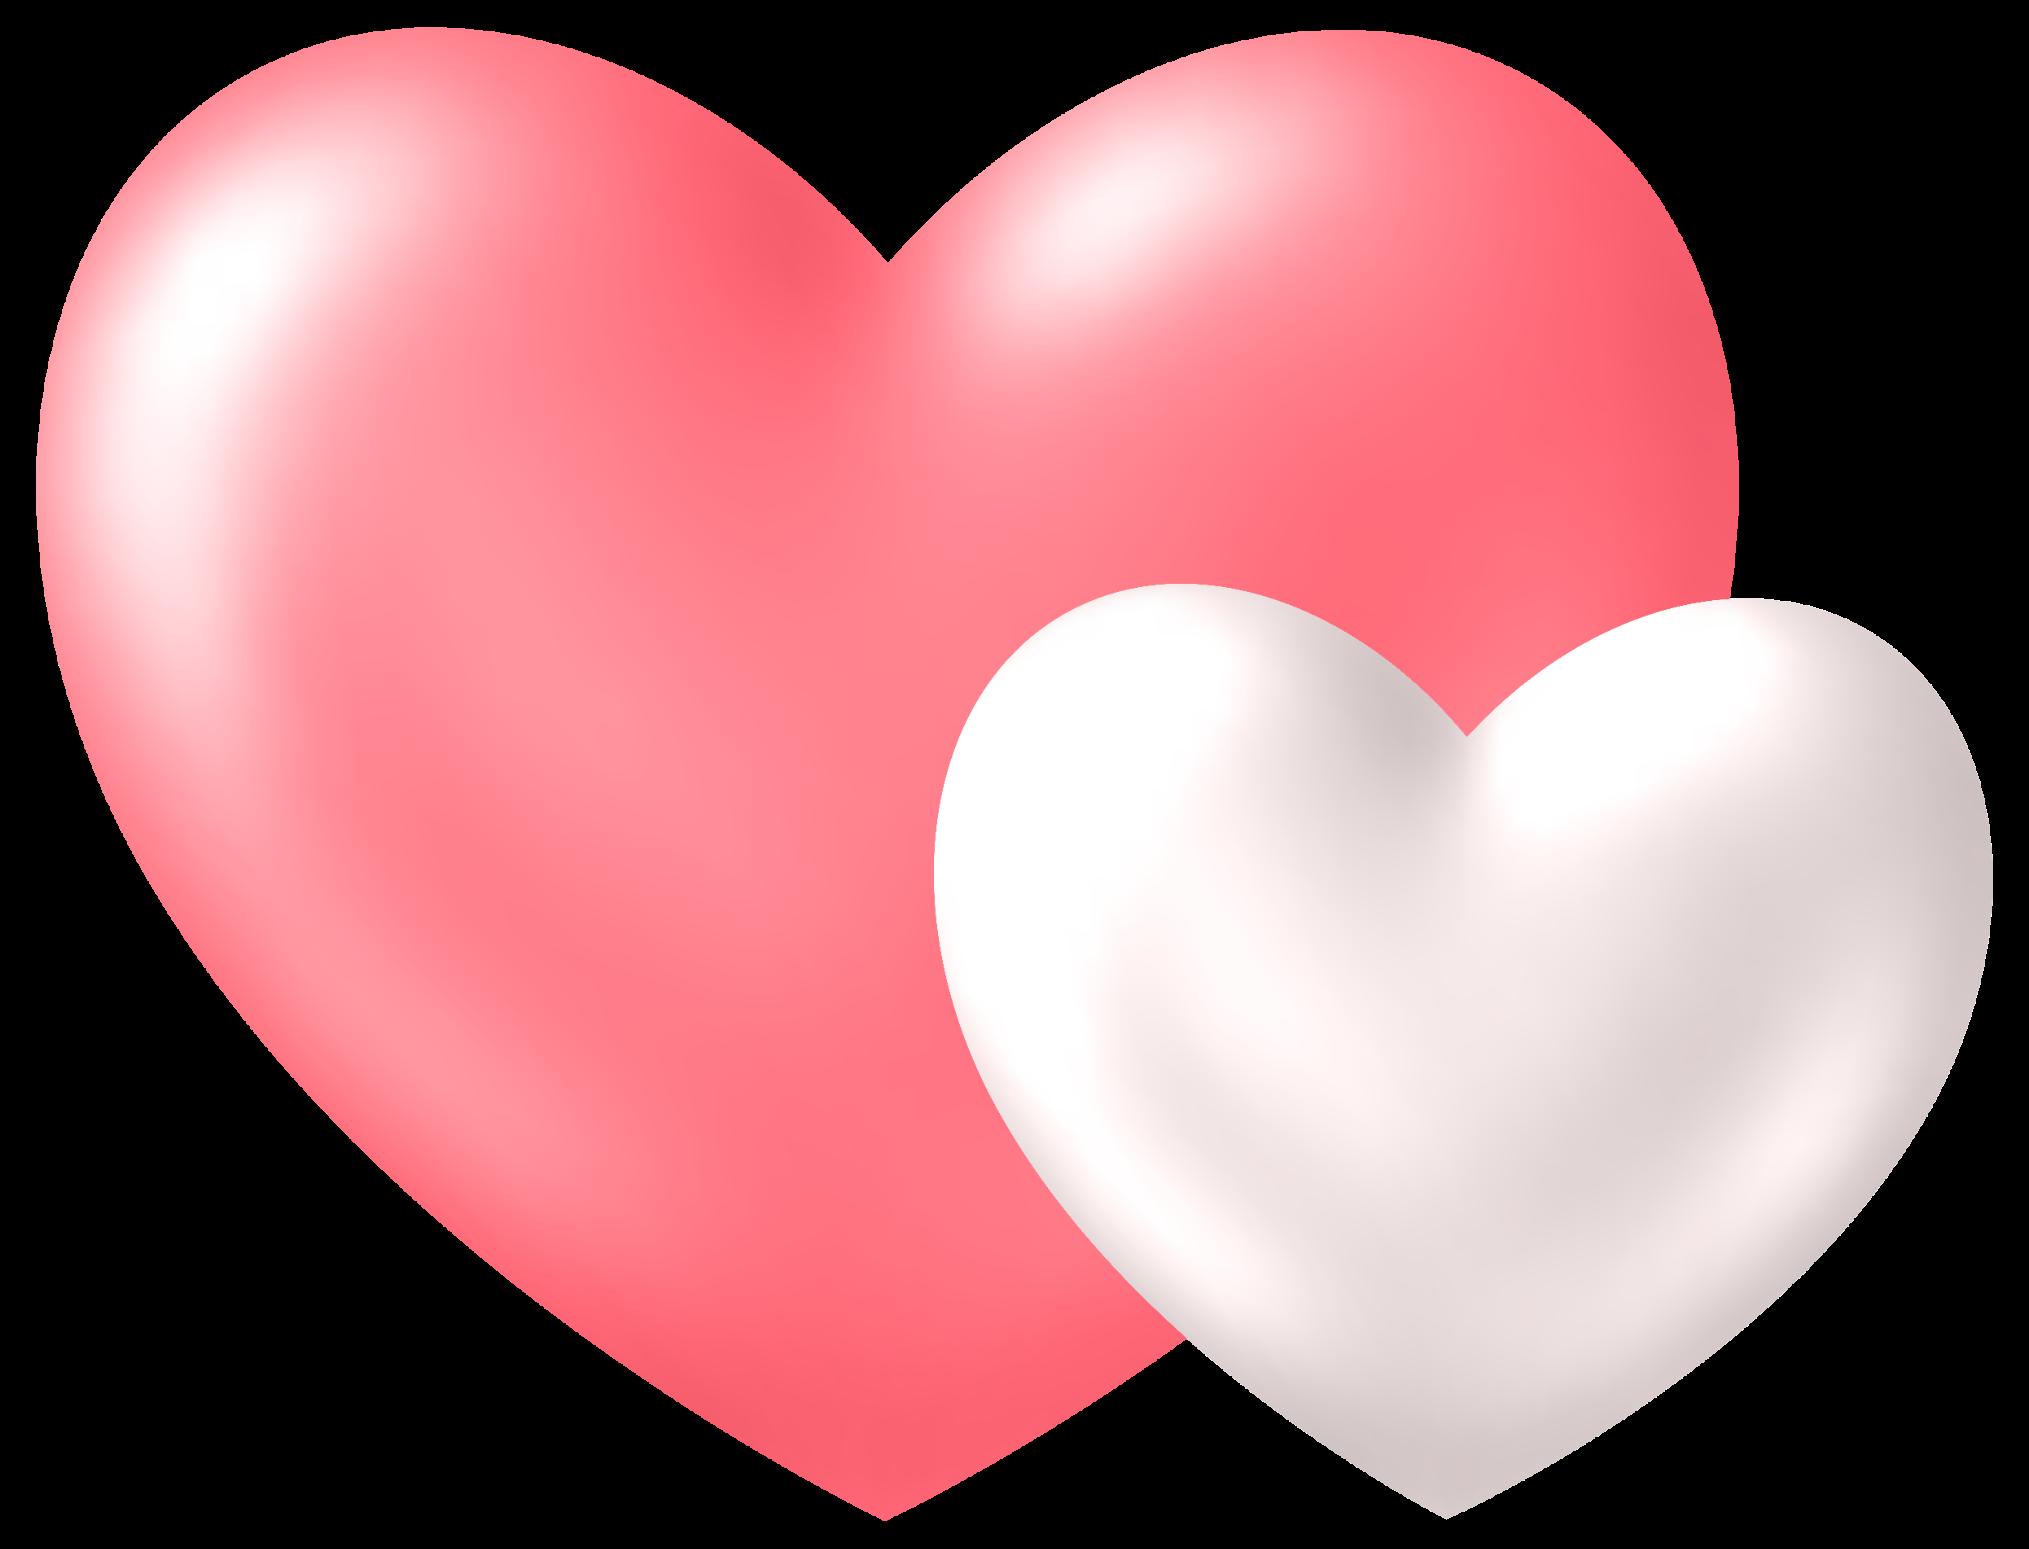 Два сердца картинки красивые, своими руками